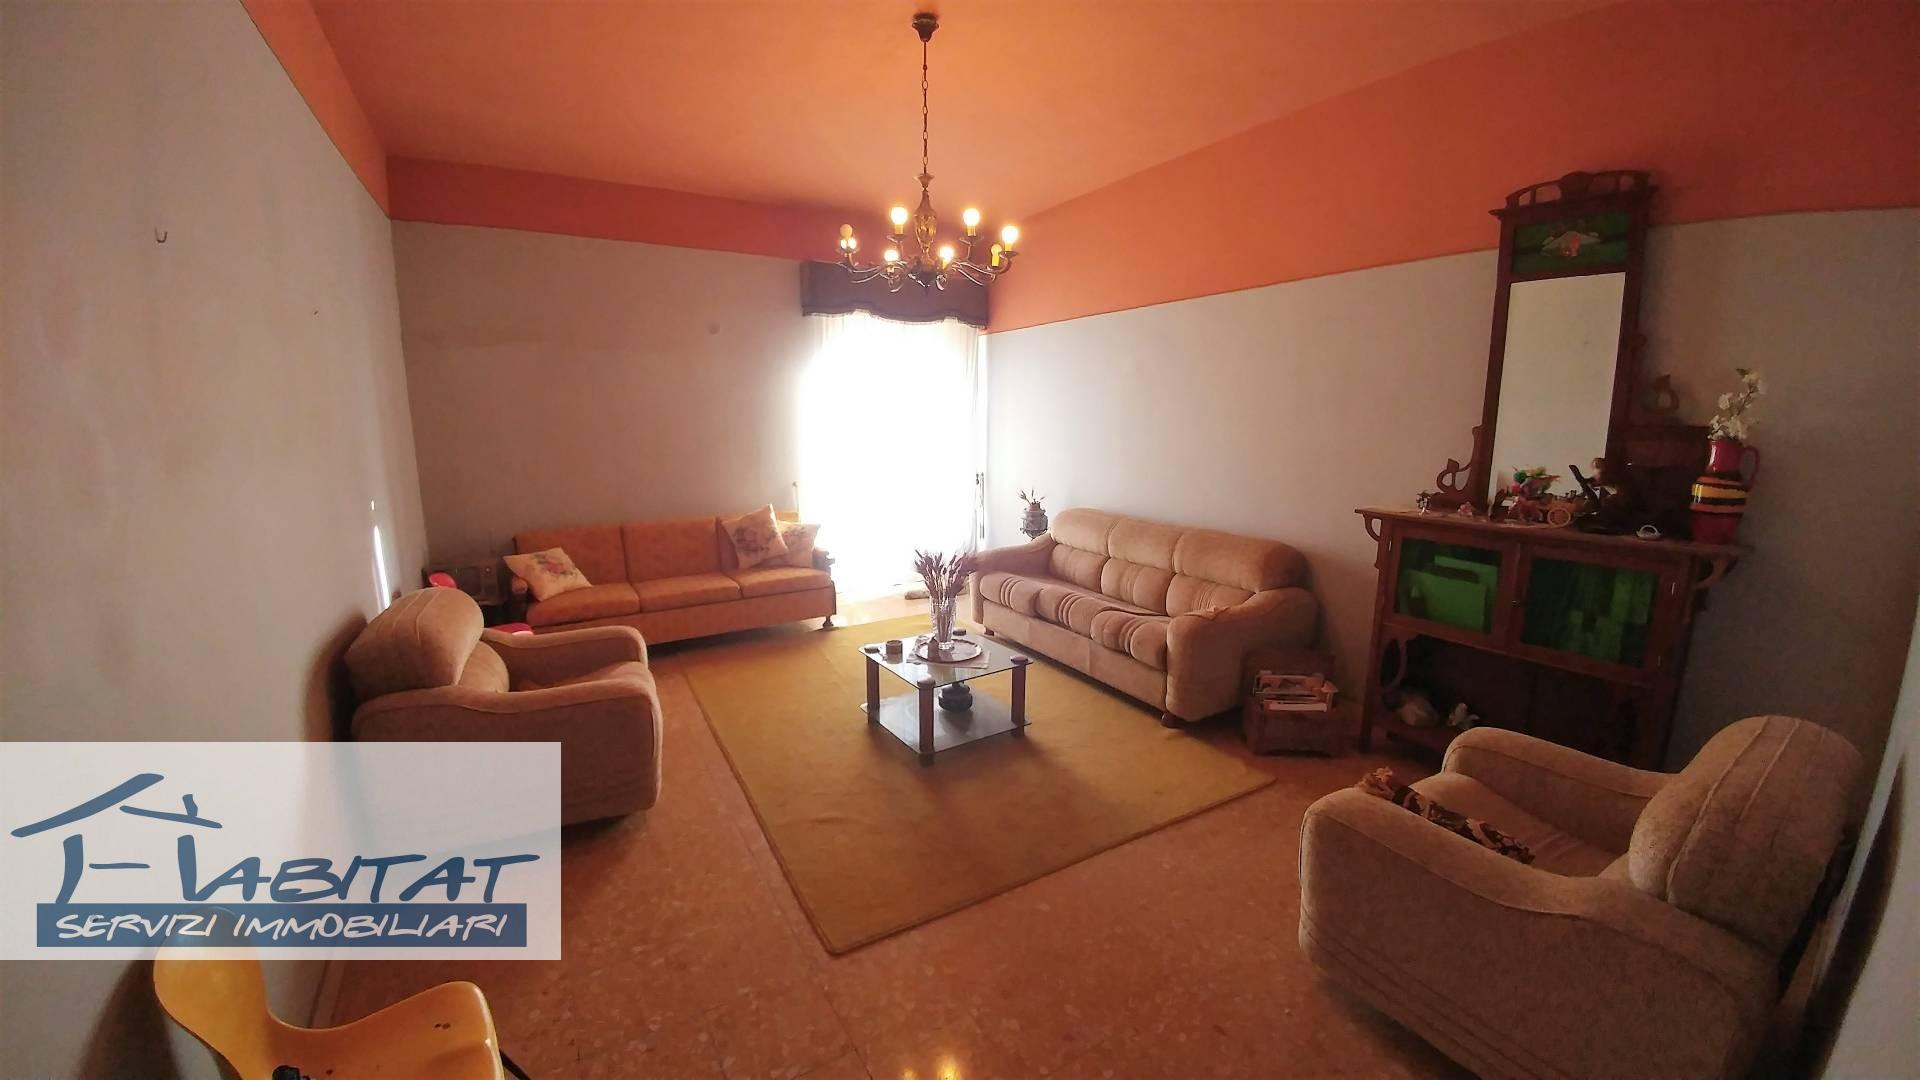 Appartamento in affitto a Agrigento, 5 locali, zona Zona: Centro, prezzo € 114.000 | CambioCasa.it